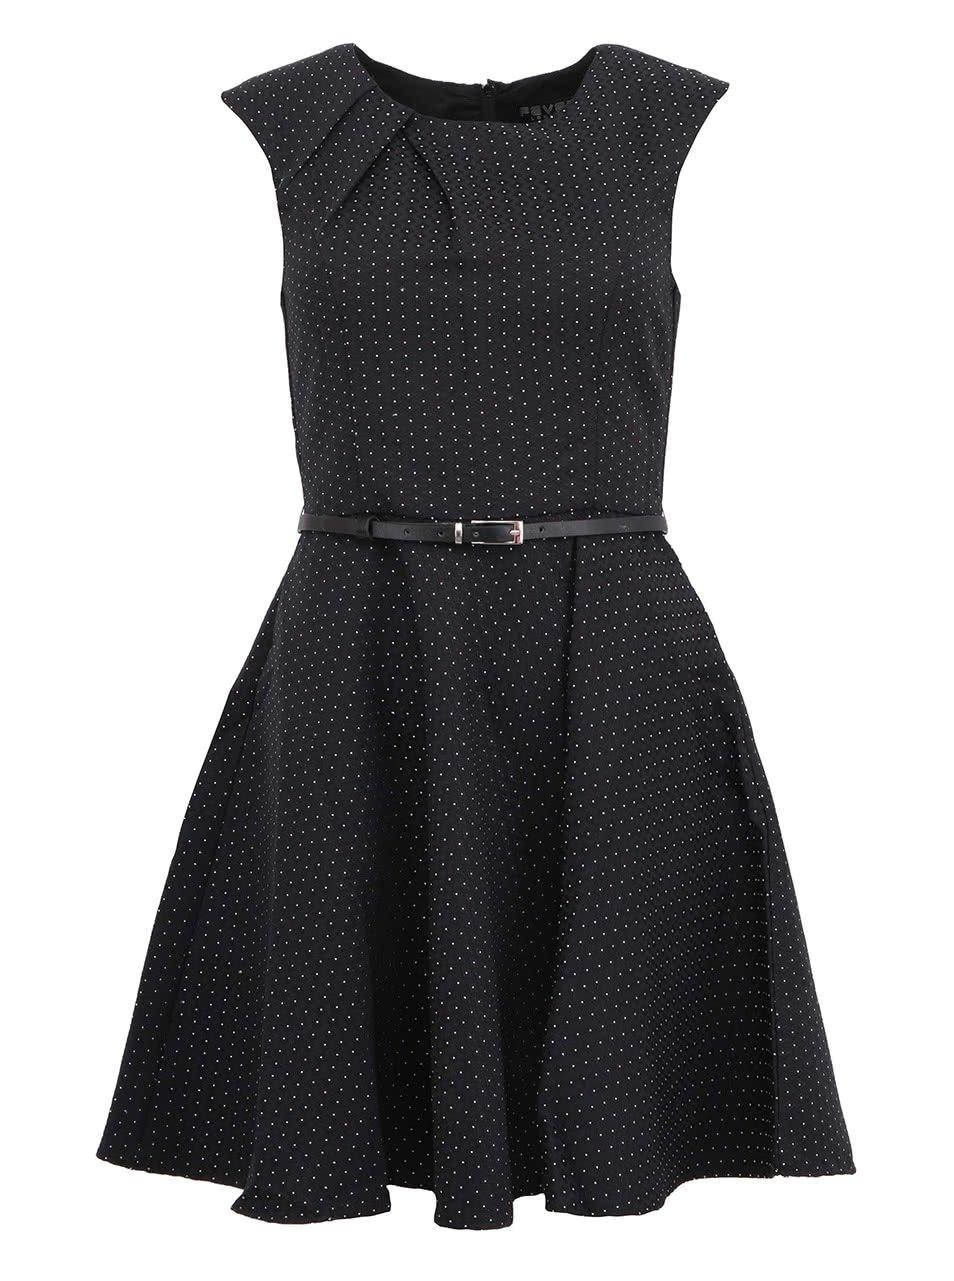 Černé šaty s puntíky Fever London Dijon